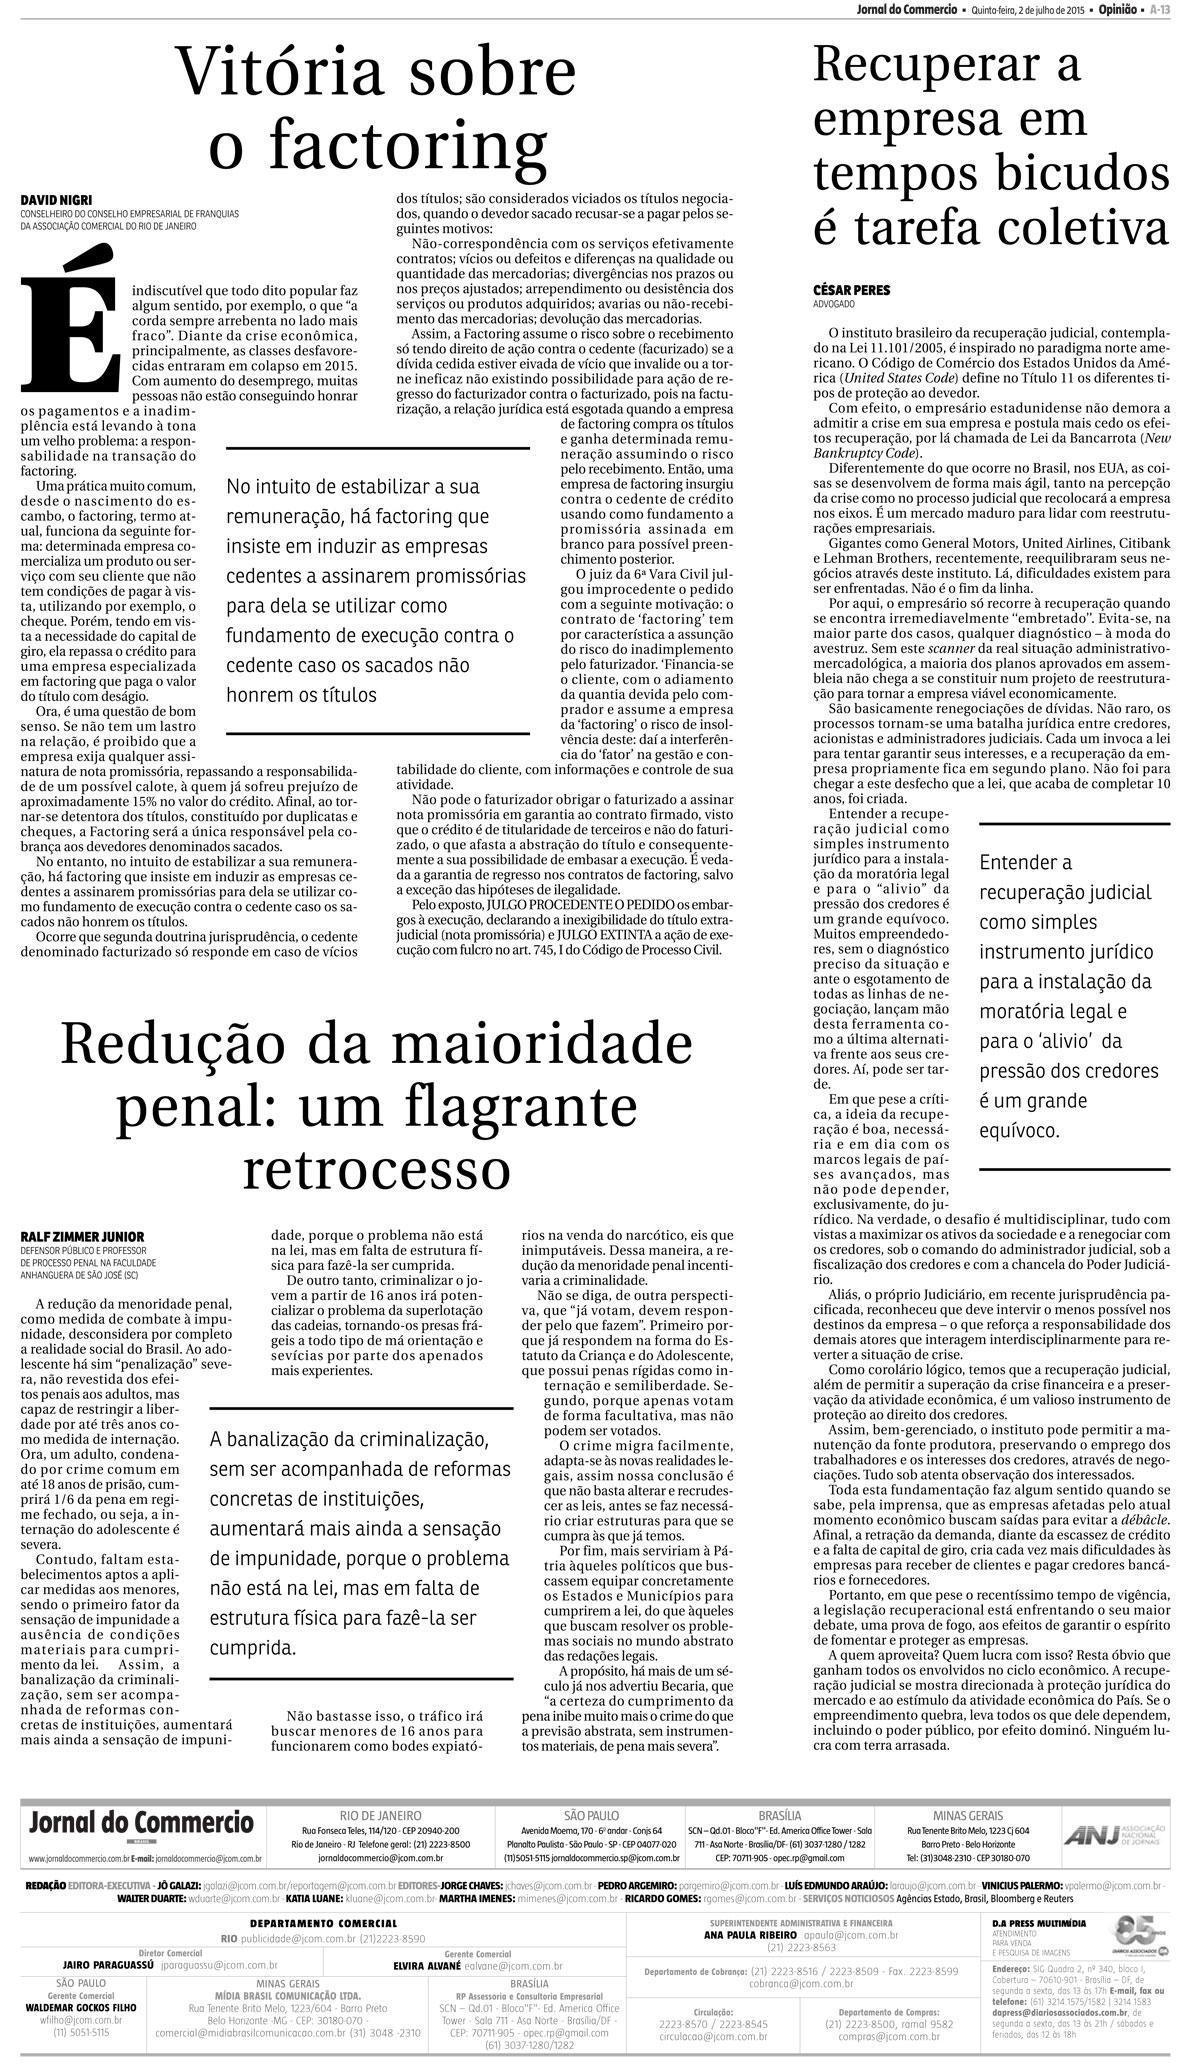 Jornal_do_Commercio_Factoring